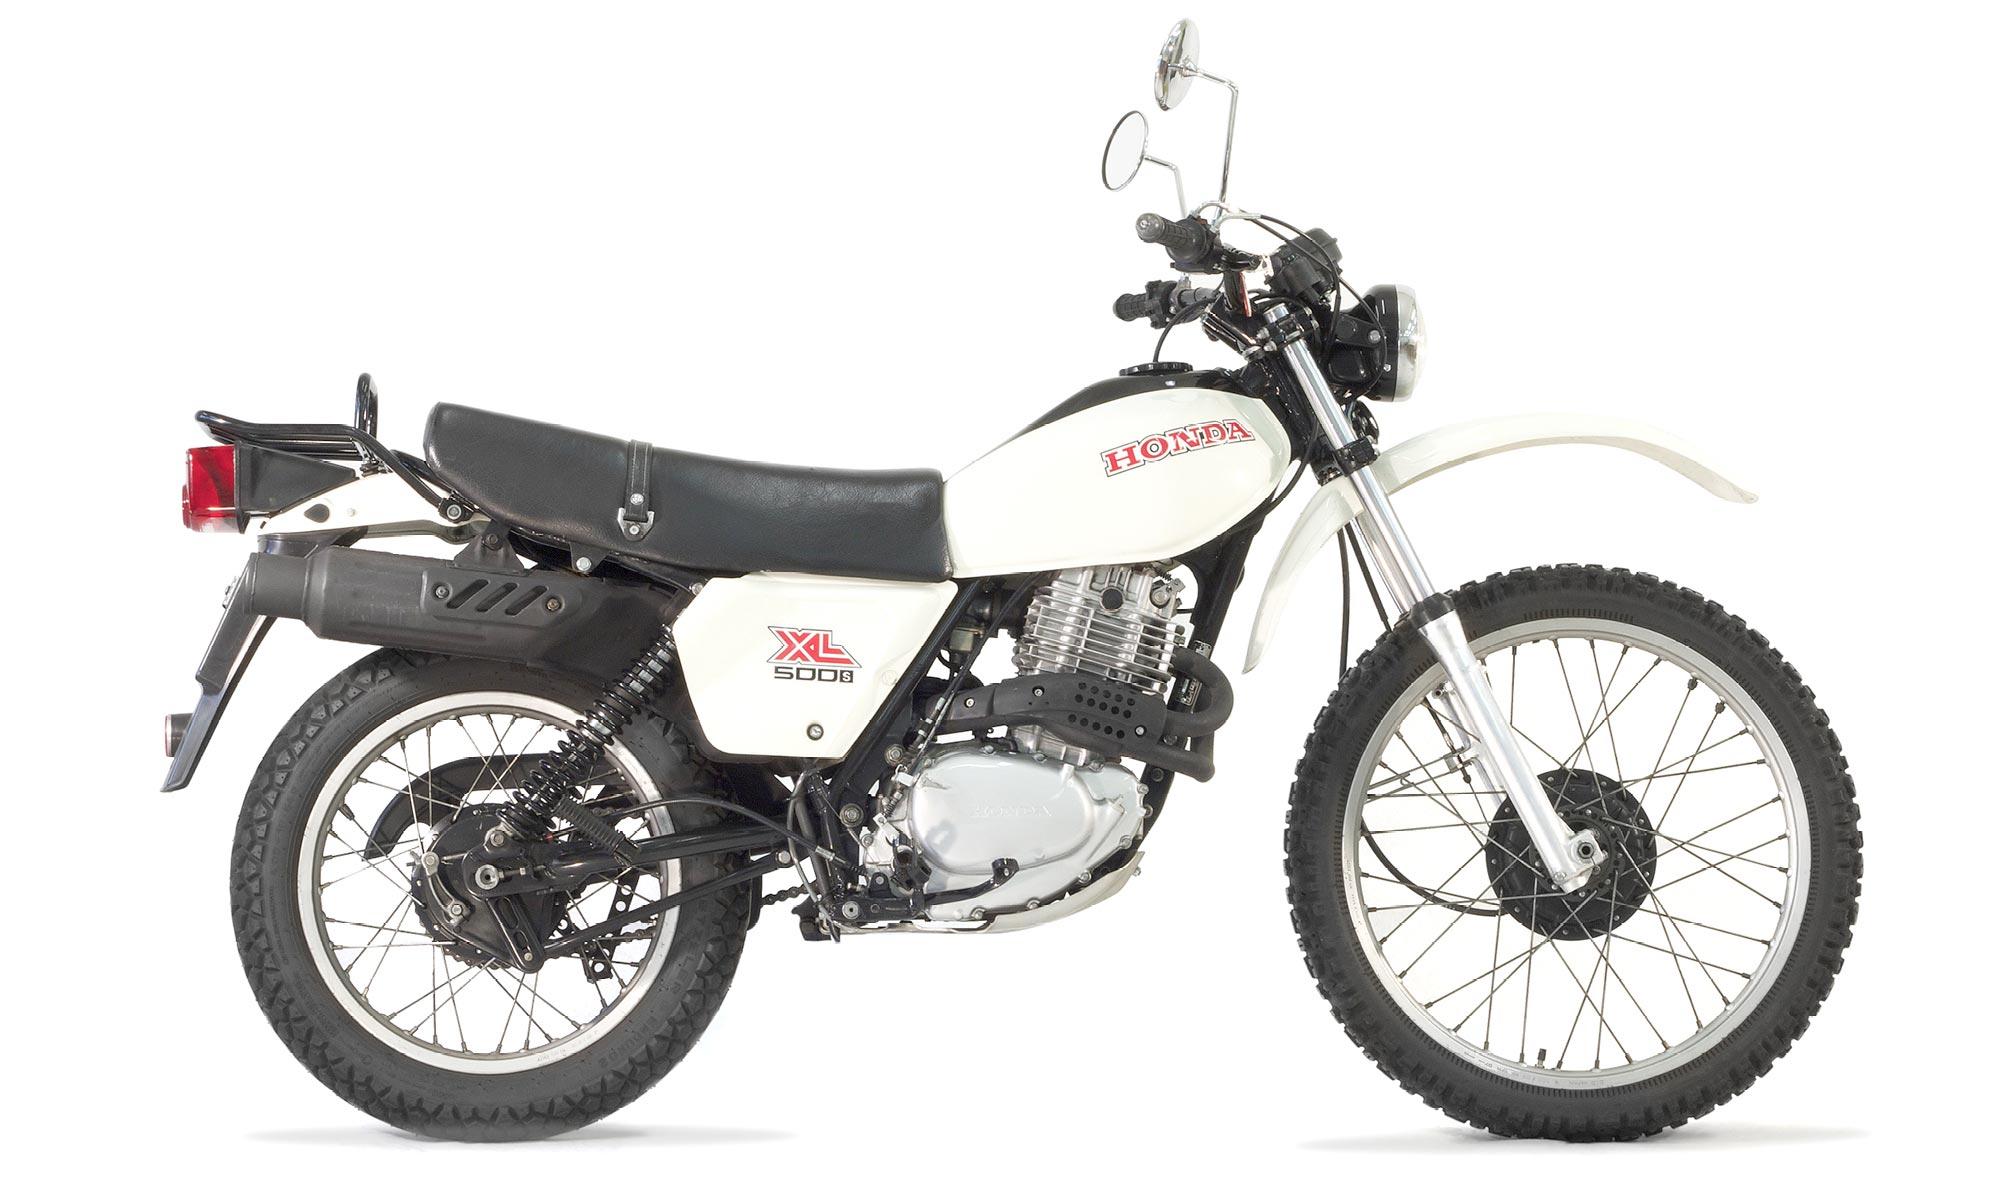 Honda_XL_500s_Weiss